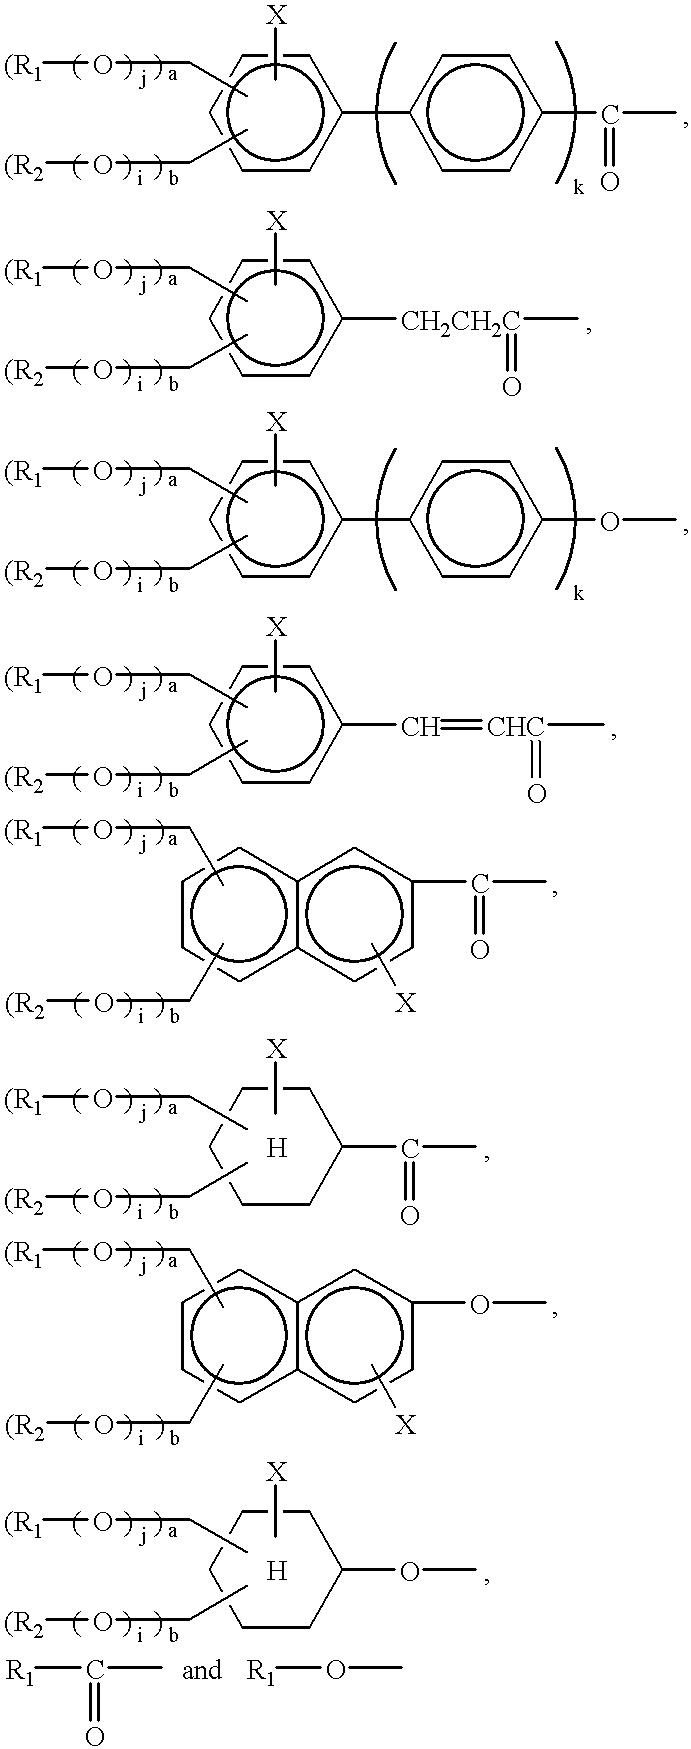 Figure US06261649-20010717-C00067